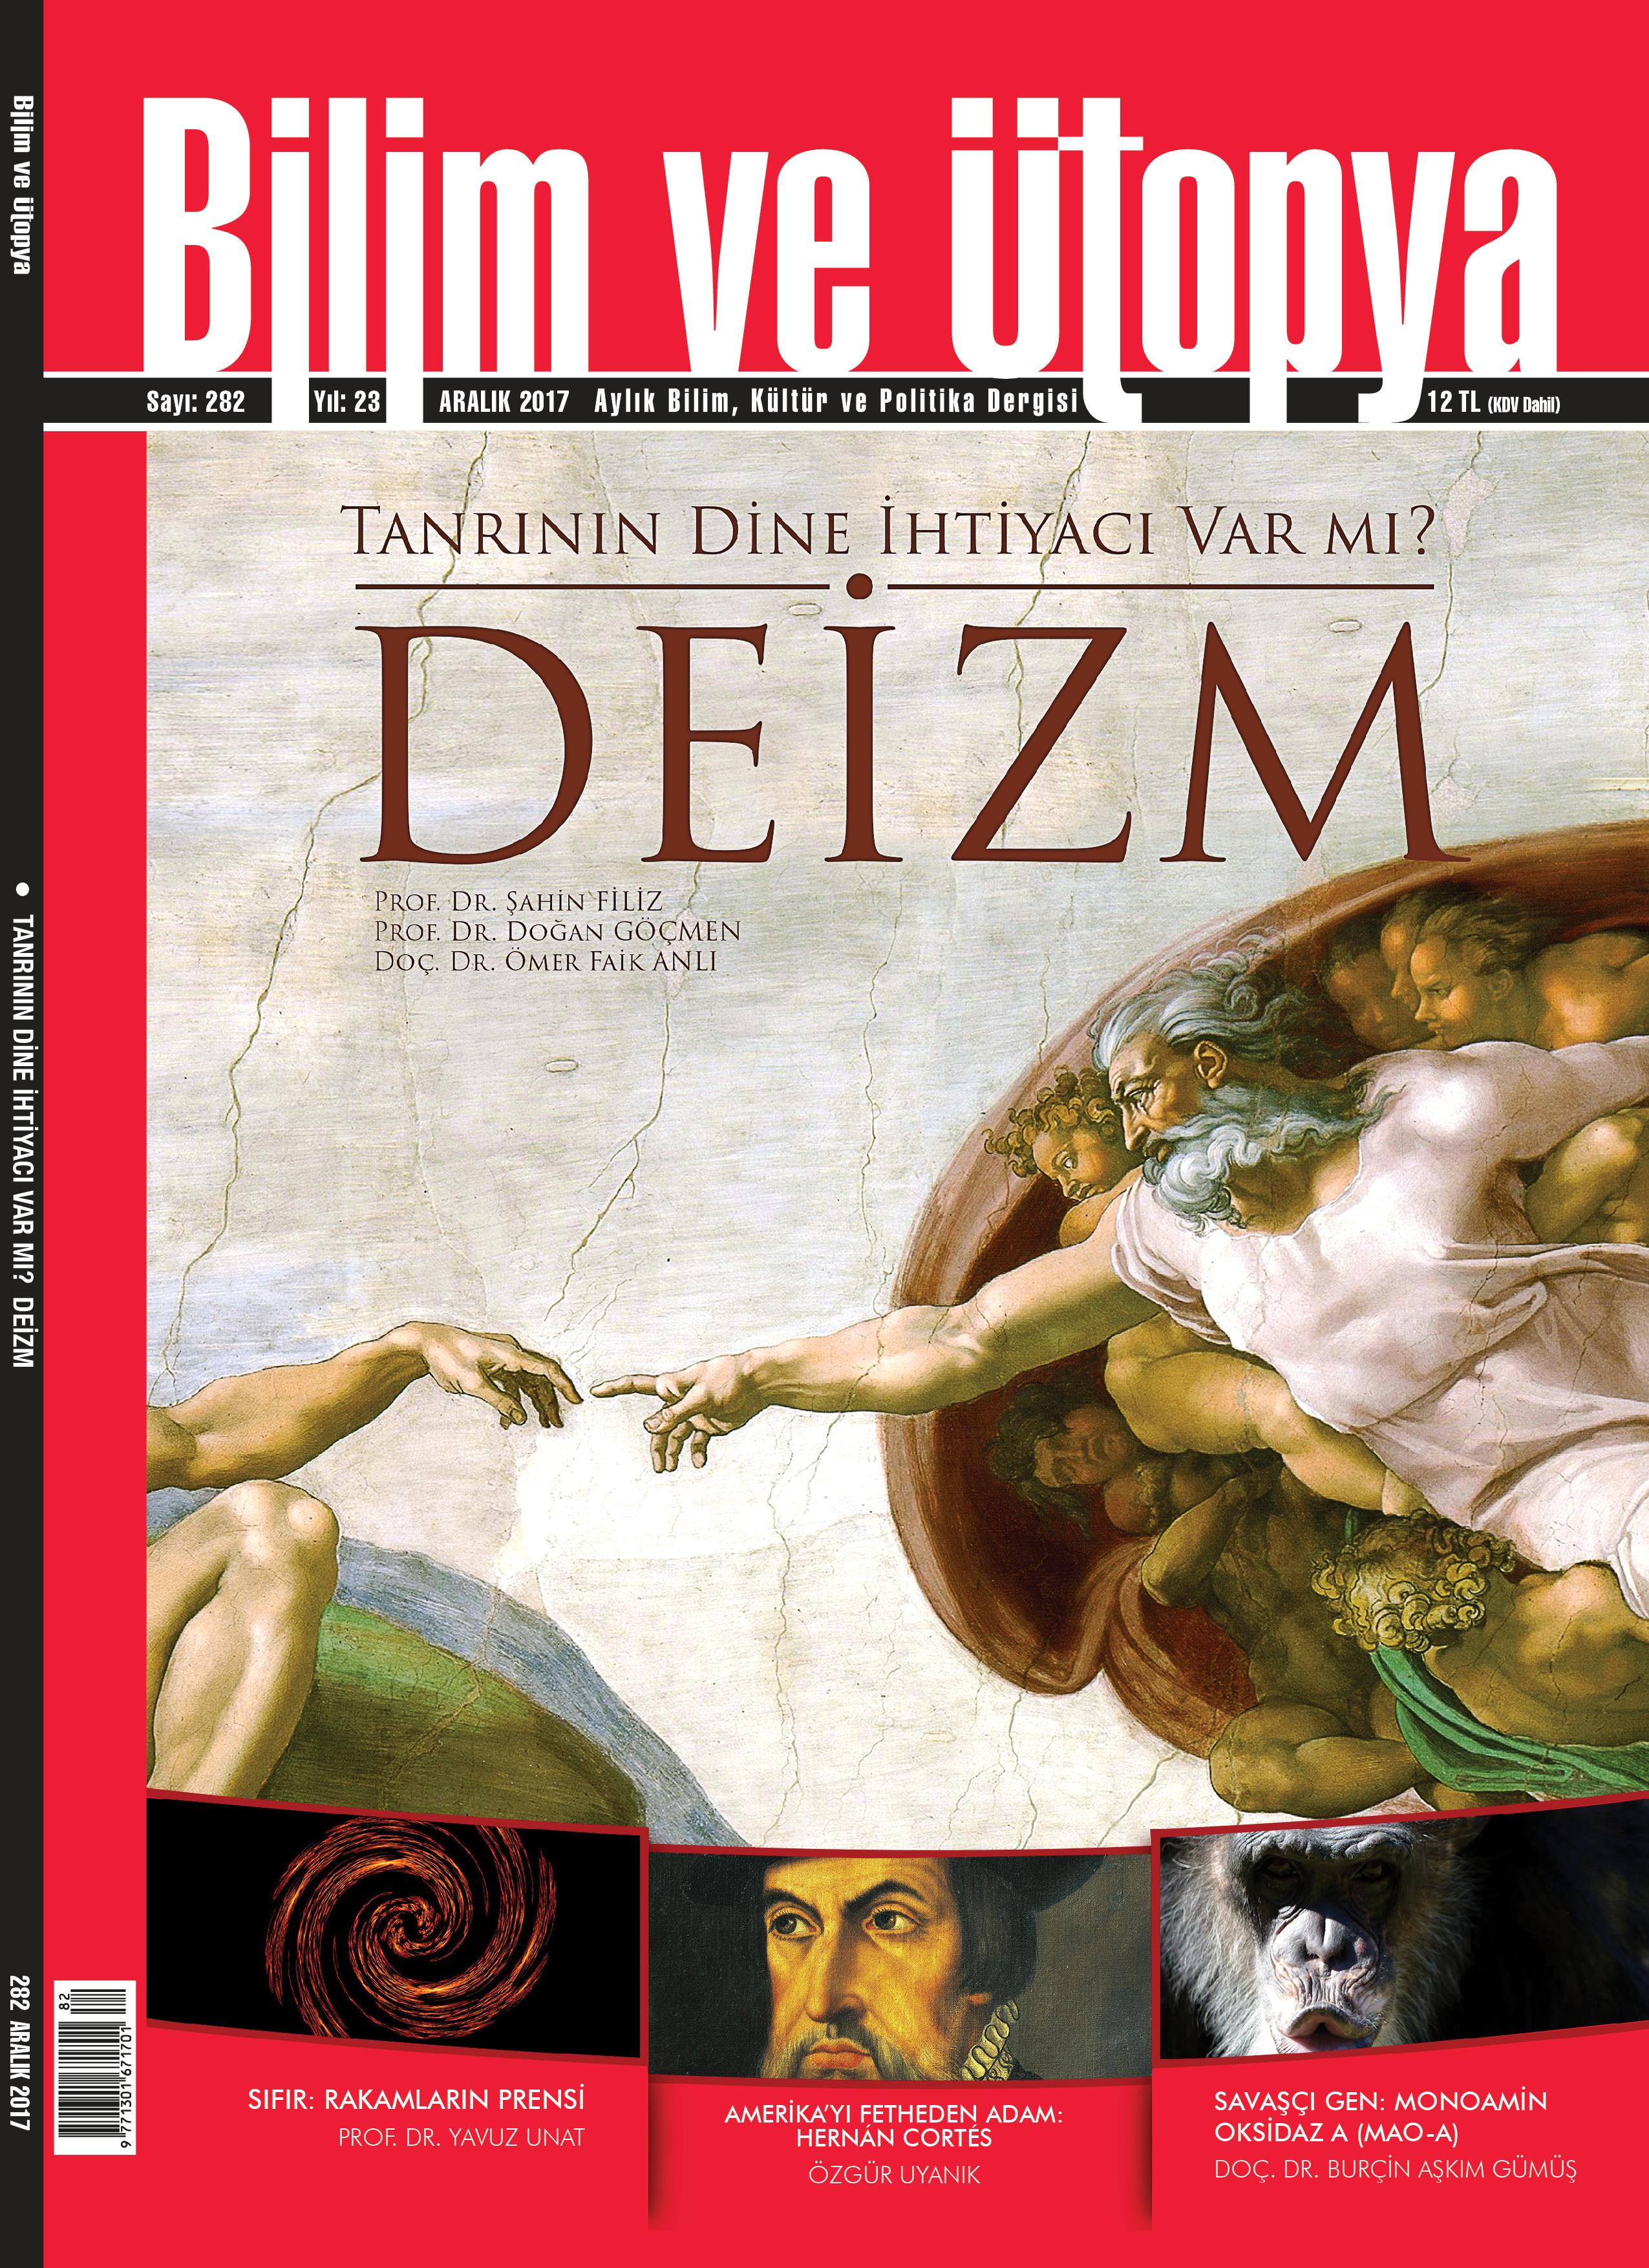 bilim ve utopya, deizm, prof. dr. şahin filiz, doç. dr ömer faik anlı, prof. dr. doğan göçmen